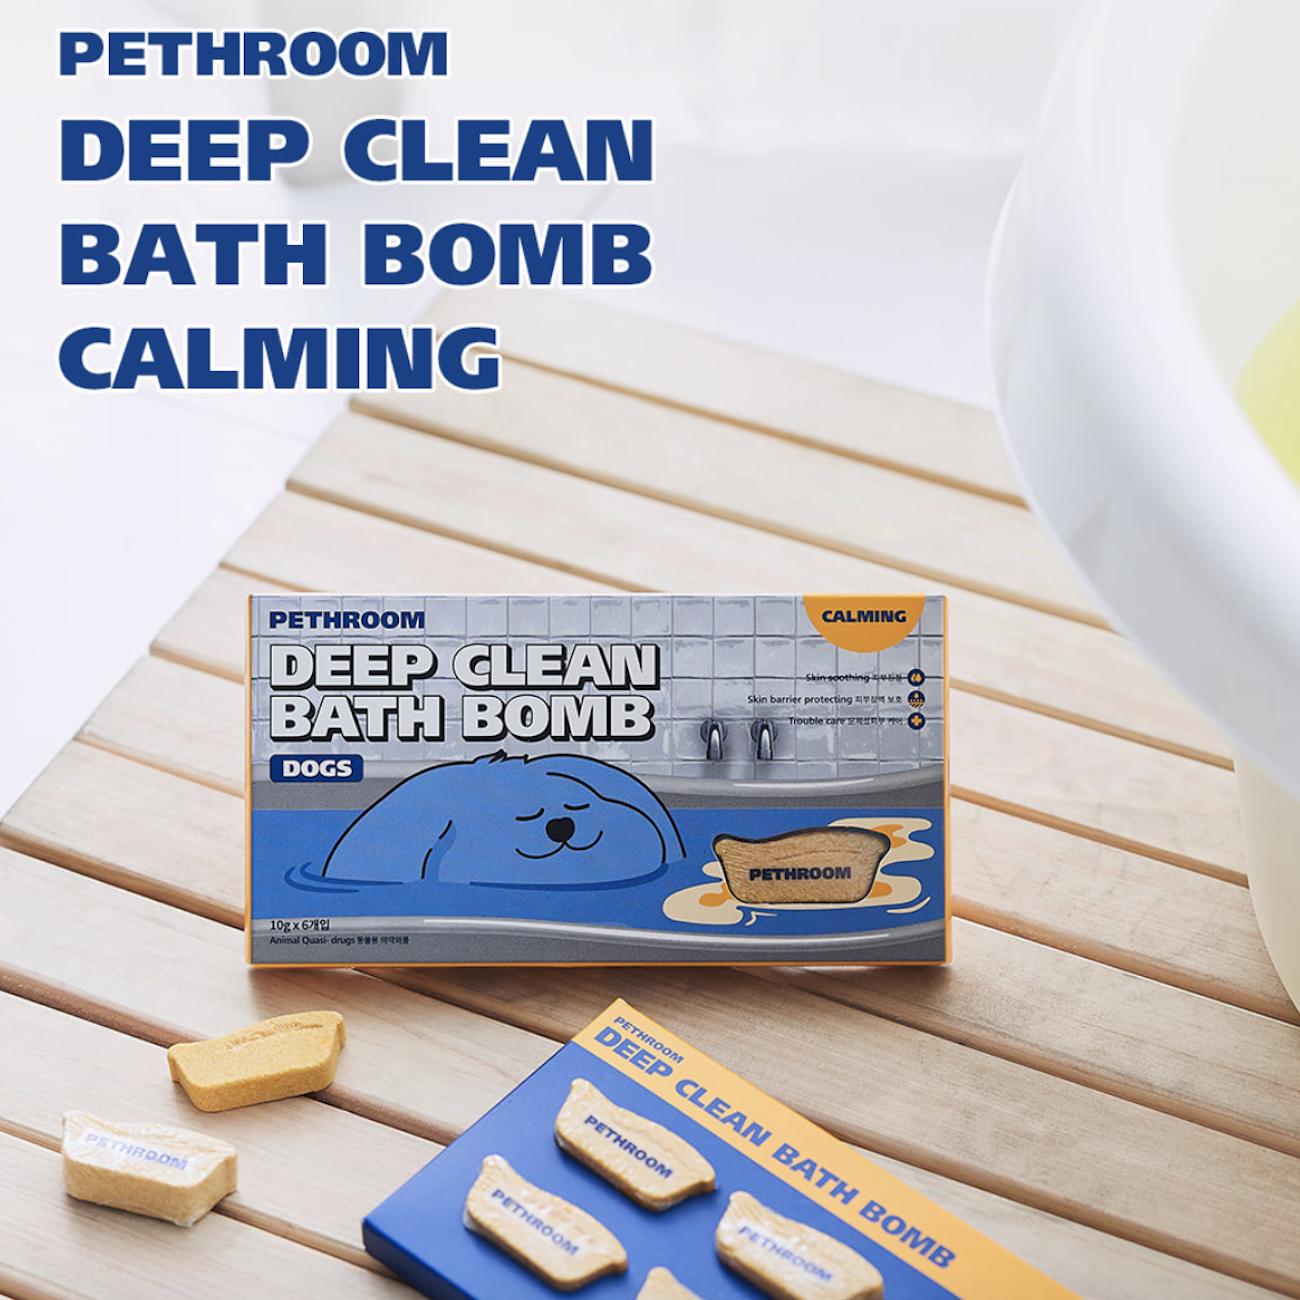 ShiPAPA PethRoom 深層清潔鎮靜浴球 韓國直送🇰🇷 香港 澳門